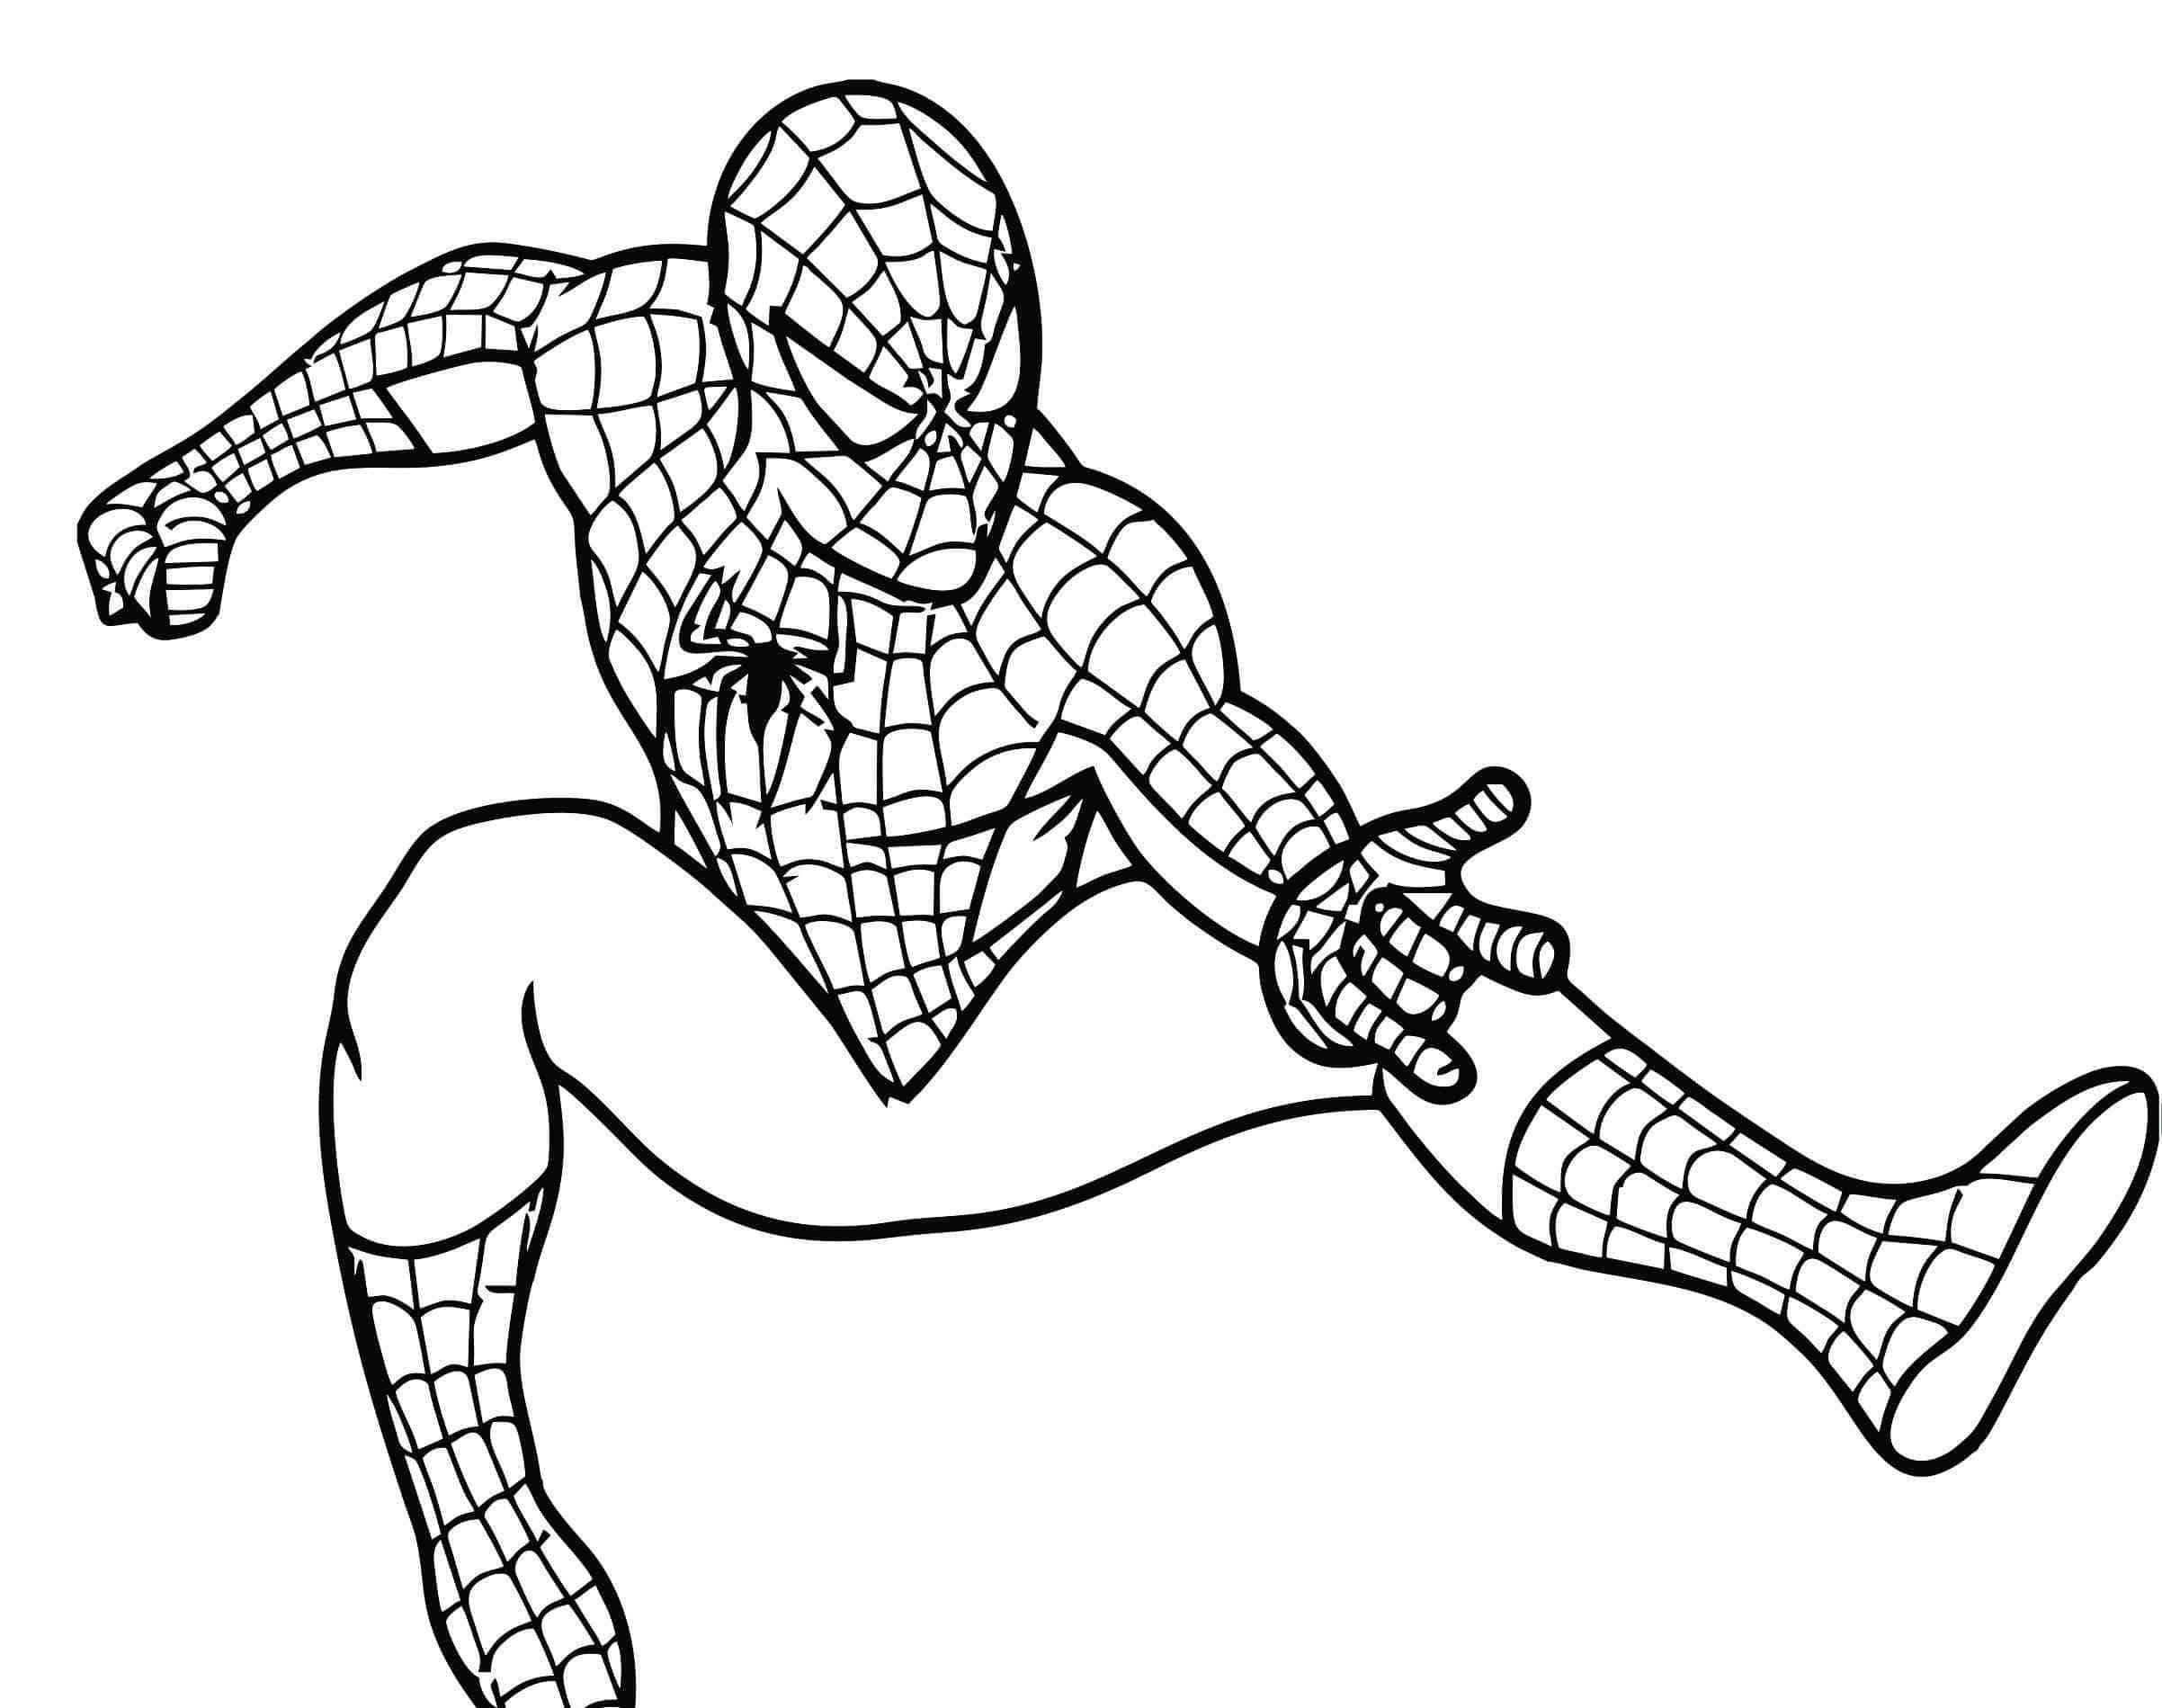 homem aranha 3 para colorir